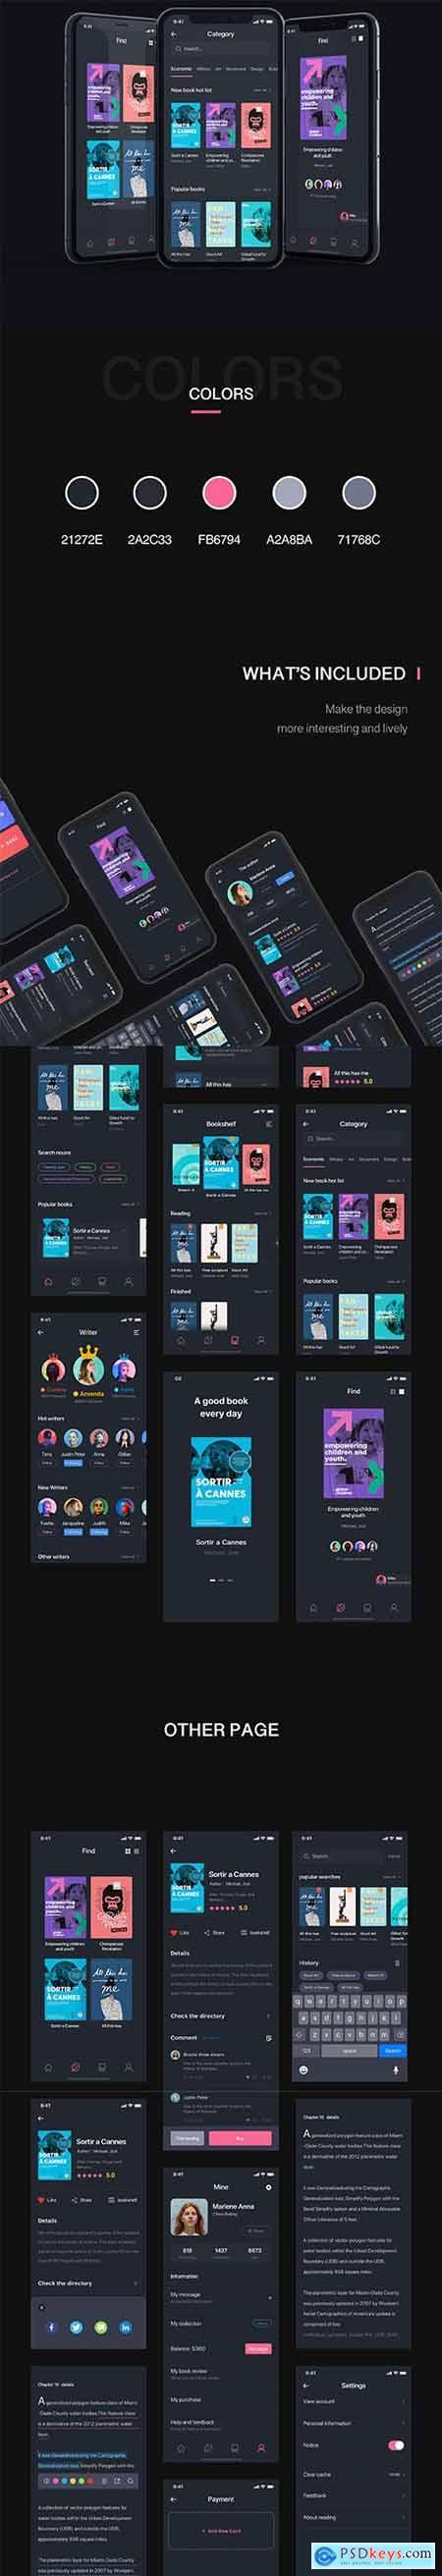 Read app design